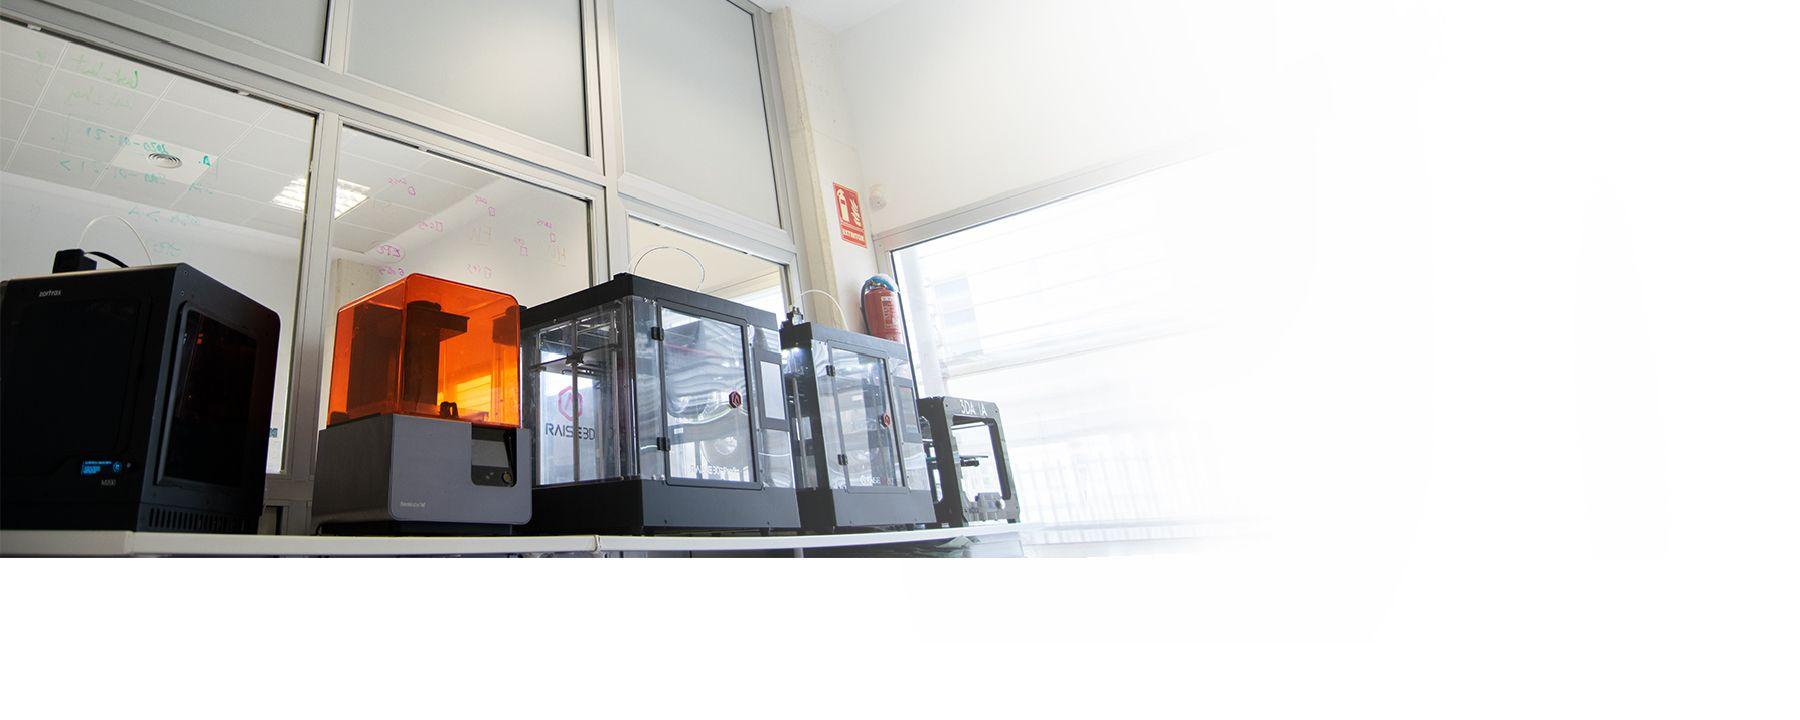 Impresión 3D, una herramienta de prototipado